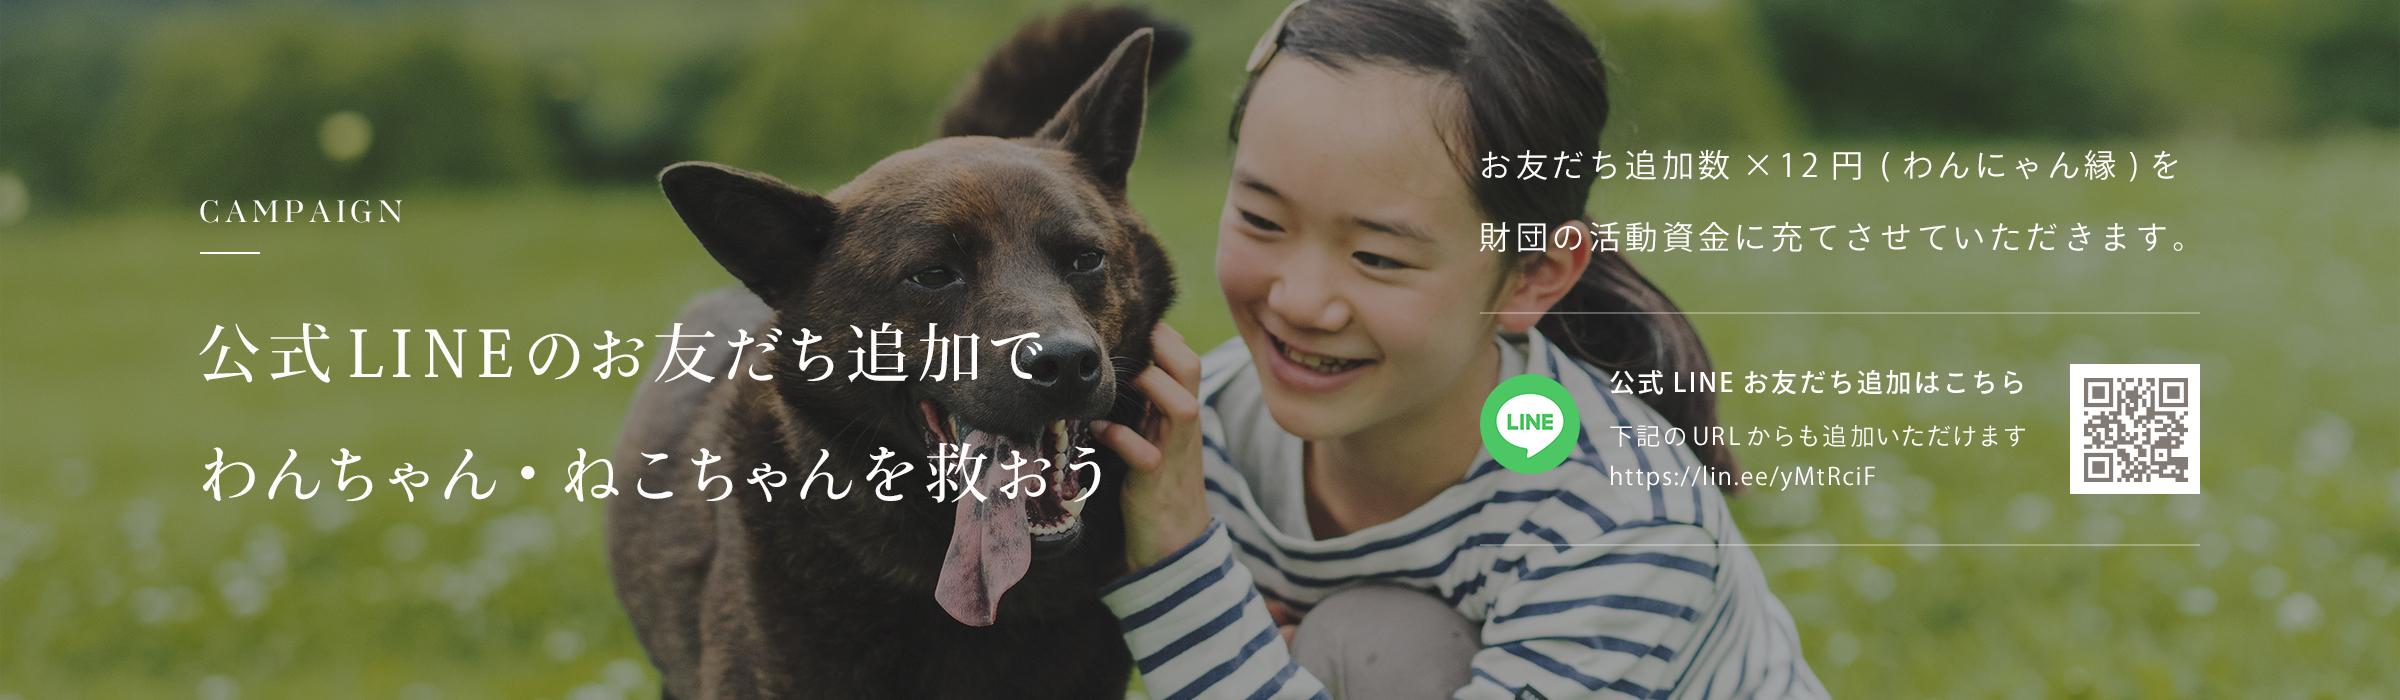 公式LINEのお友達追加でわんちゃん・ねこちゃんを救おう お友達追加数×12円(わんにゃん緑)を財団の活動資金に充てさせていただきます。犬猫生活公式LINE お友達追加はこちら